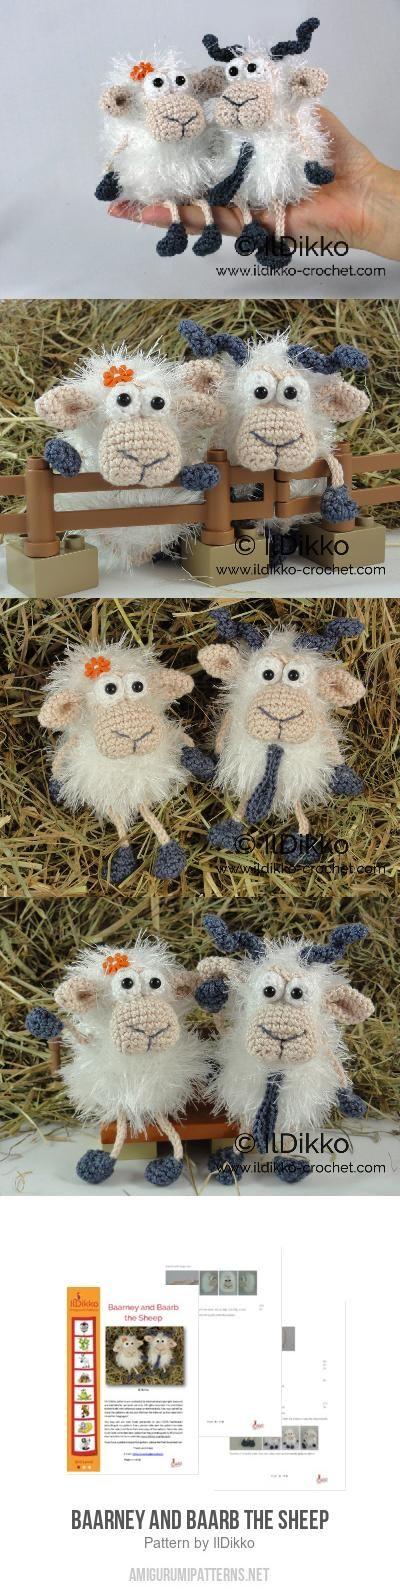 Baarney and Baarb the Sheep amigurumi pattern